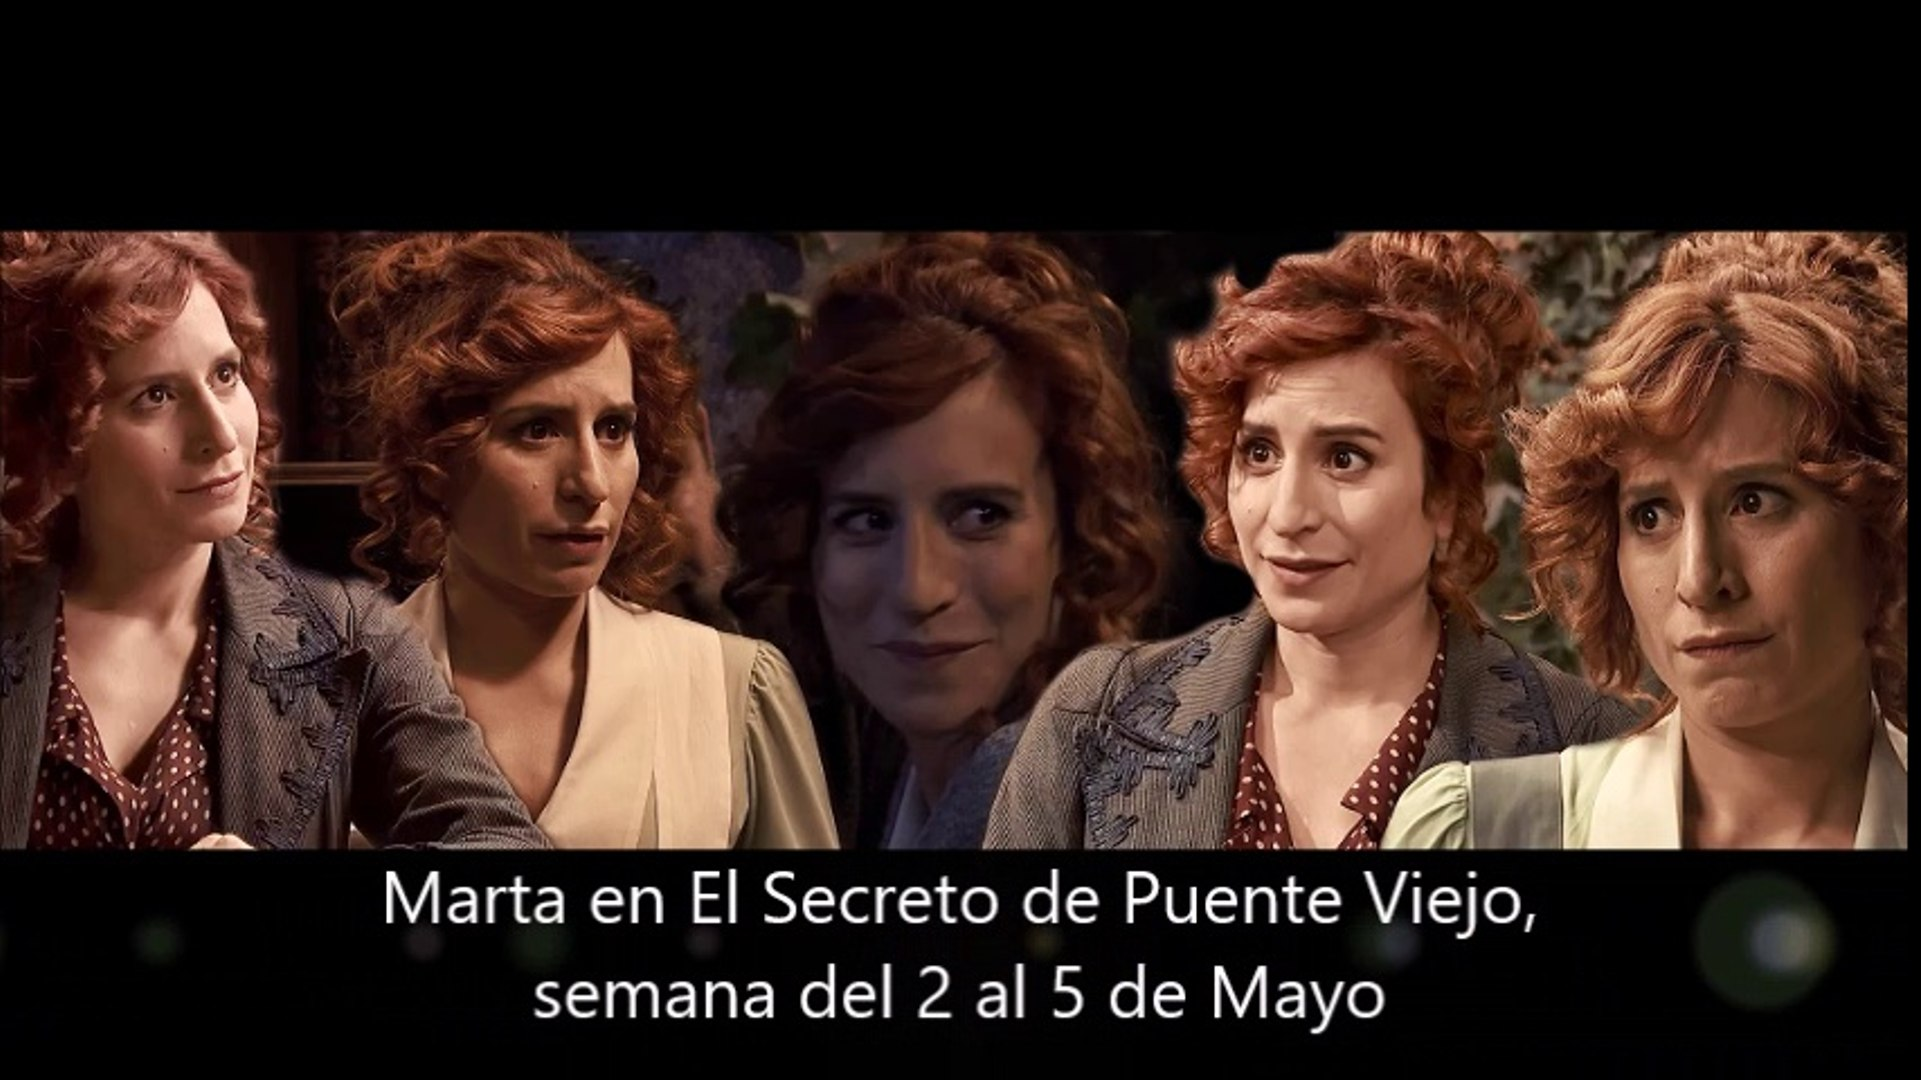 Marta En El Secreto De Puente Viejo Semana Del 2 Al 5 De Mayo Escenas Capítulos 1566 A 1569 Vídeo Dailymotion